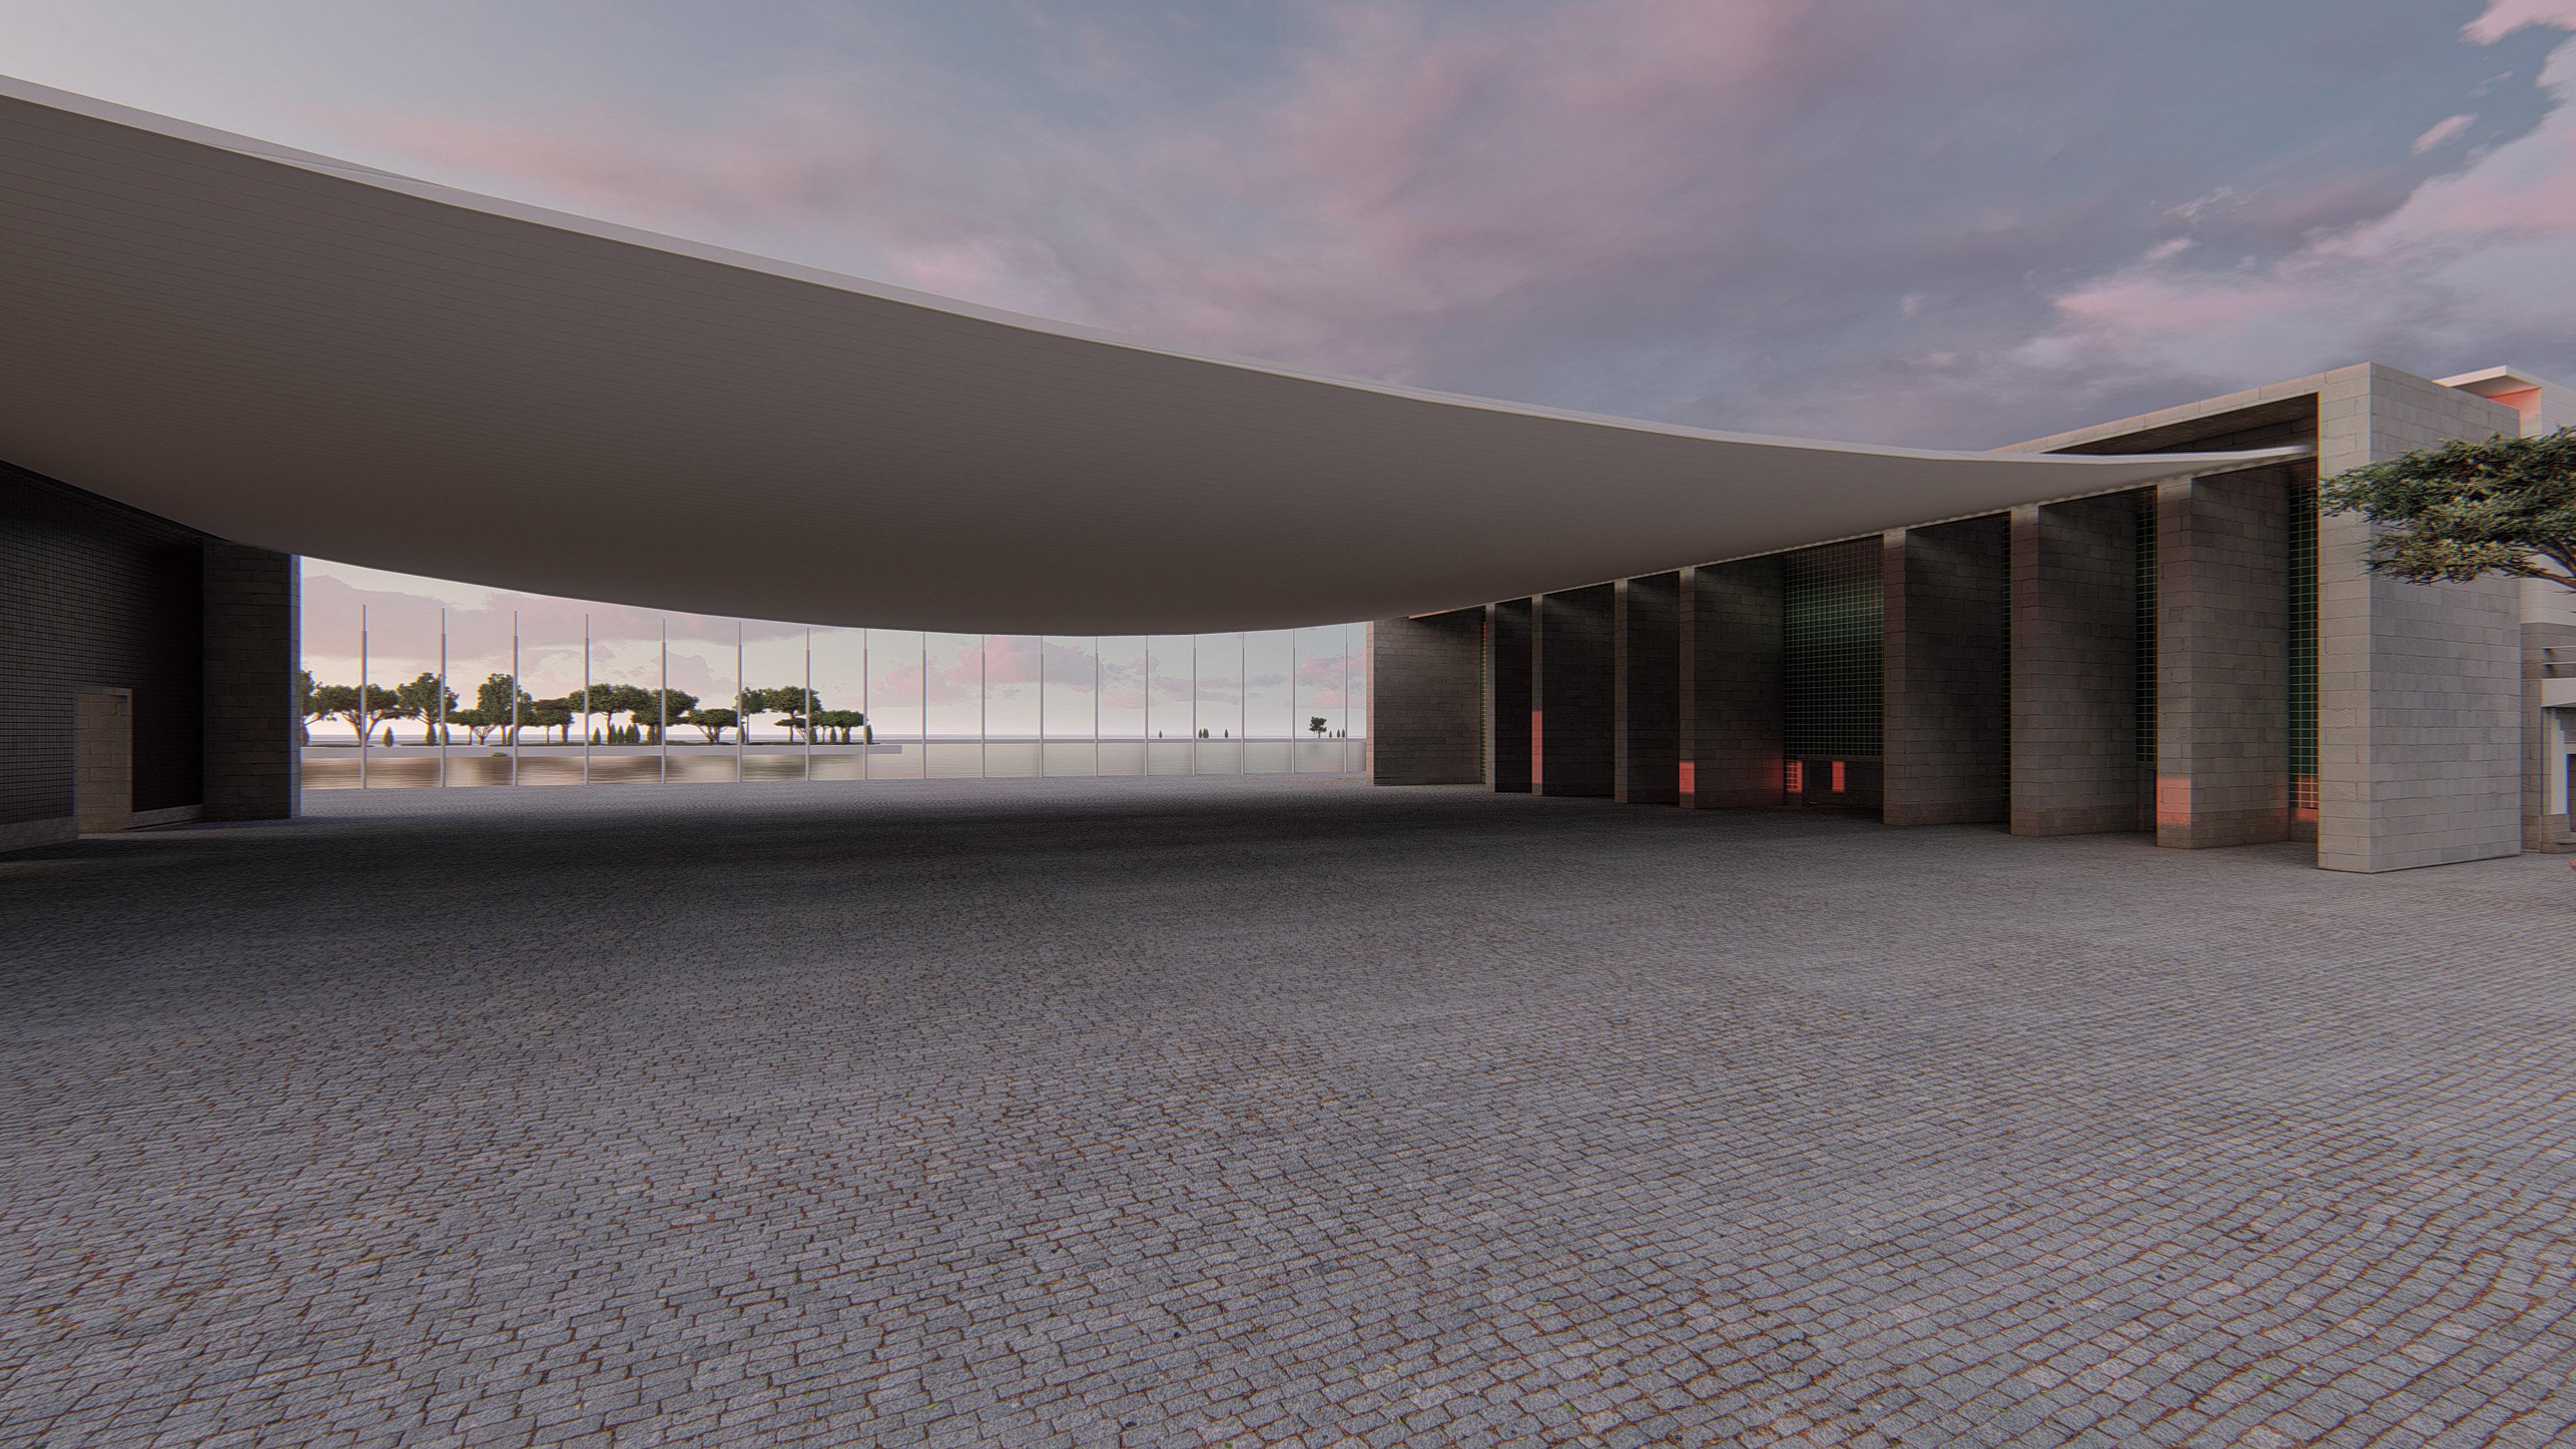 Pavilion 3d Rendering Foto, Profesionelle 3d rendering in Wien